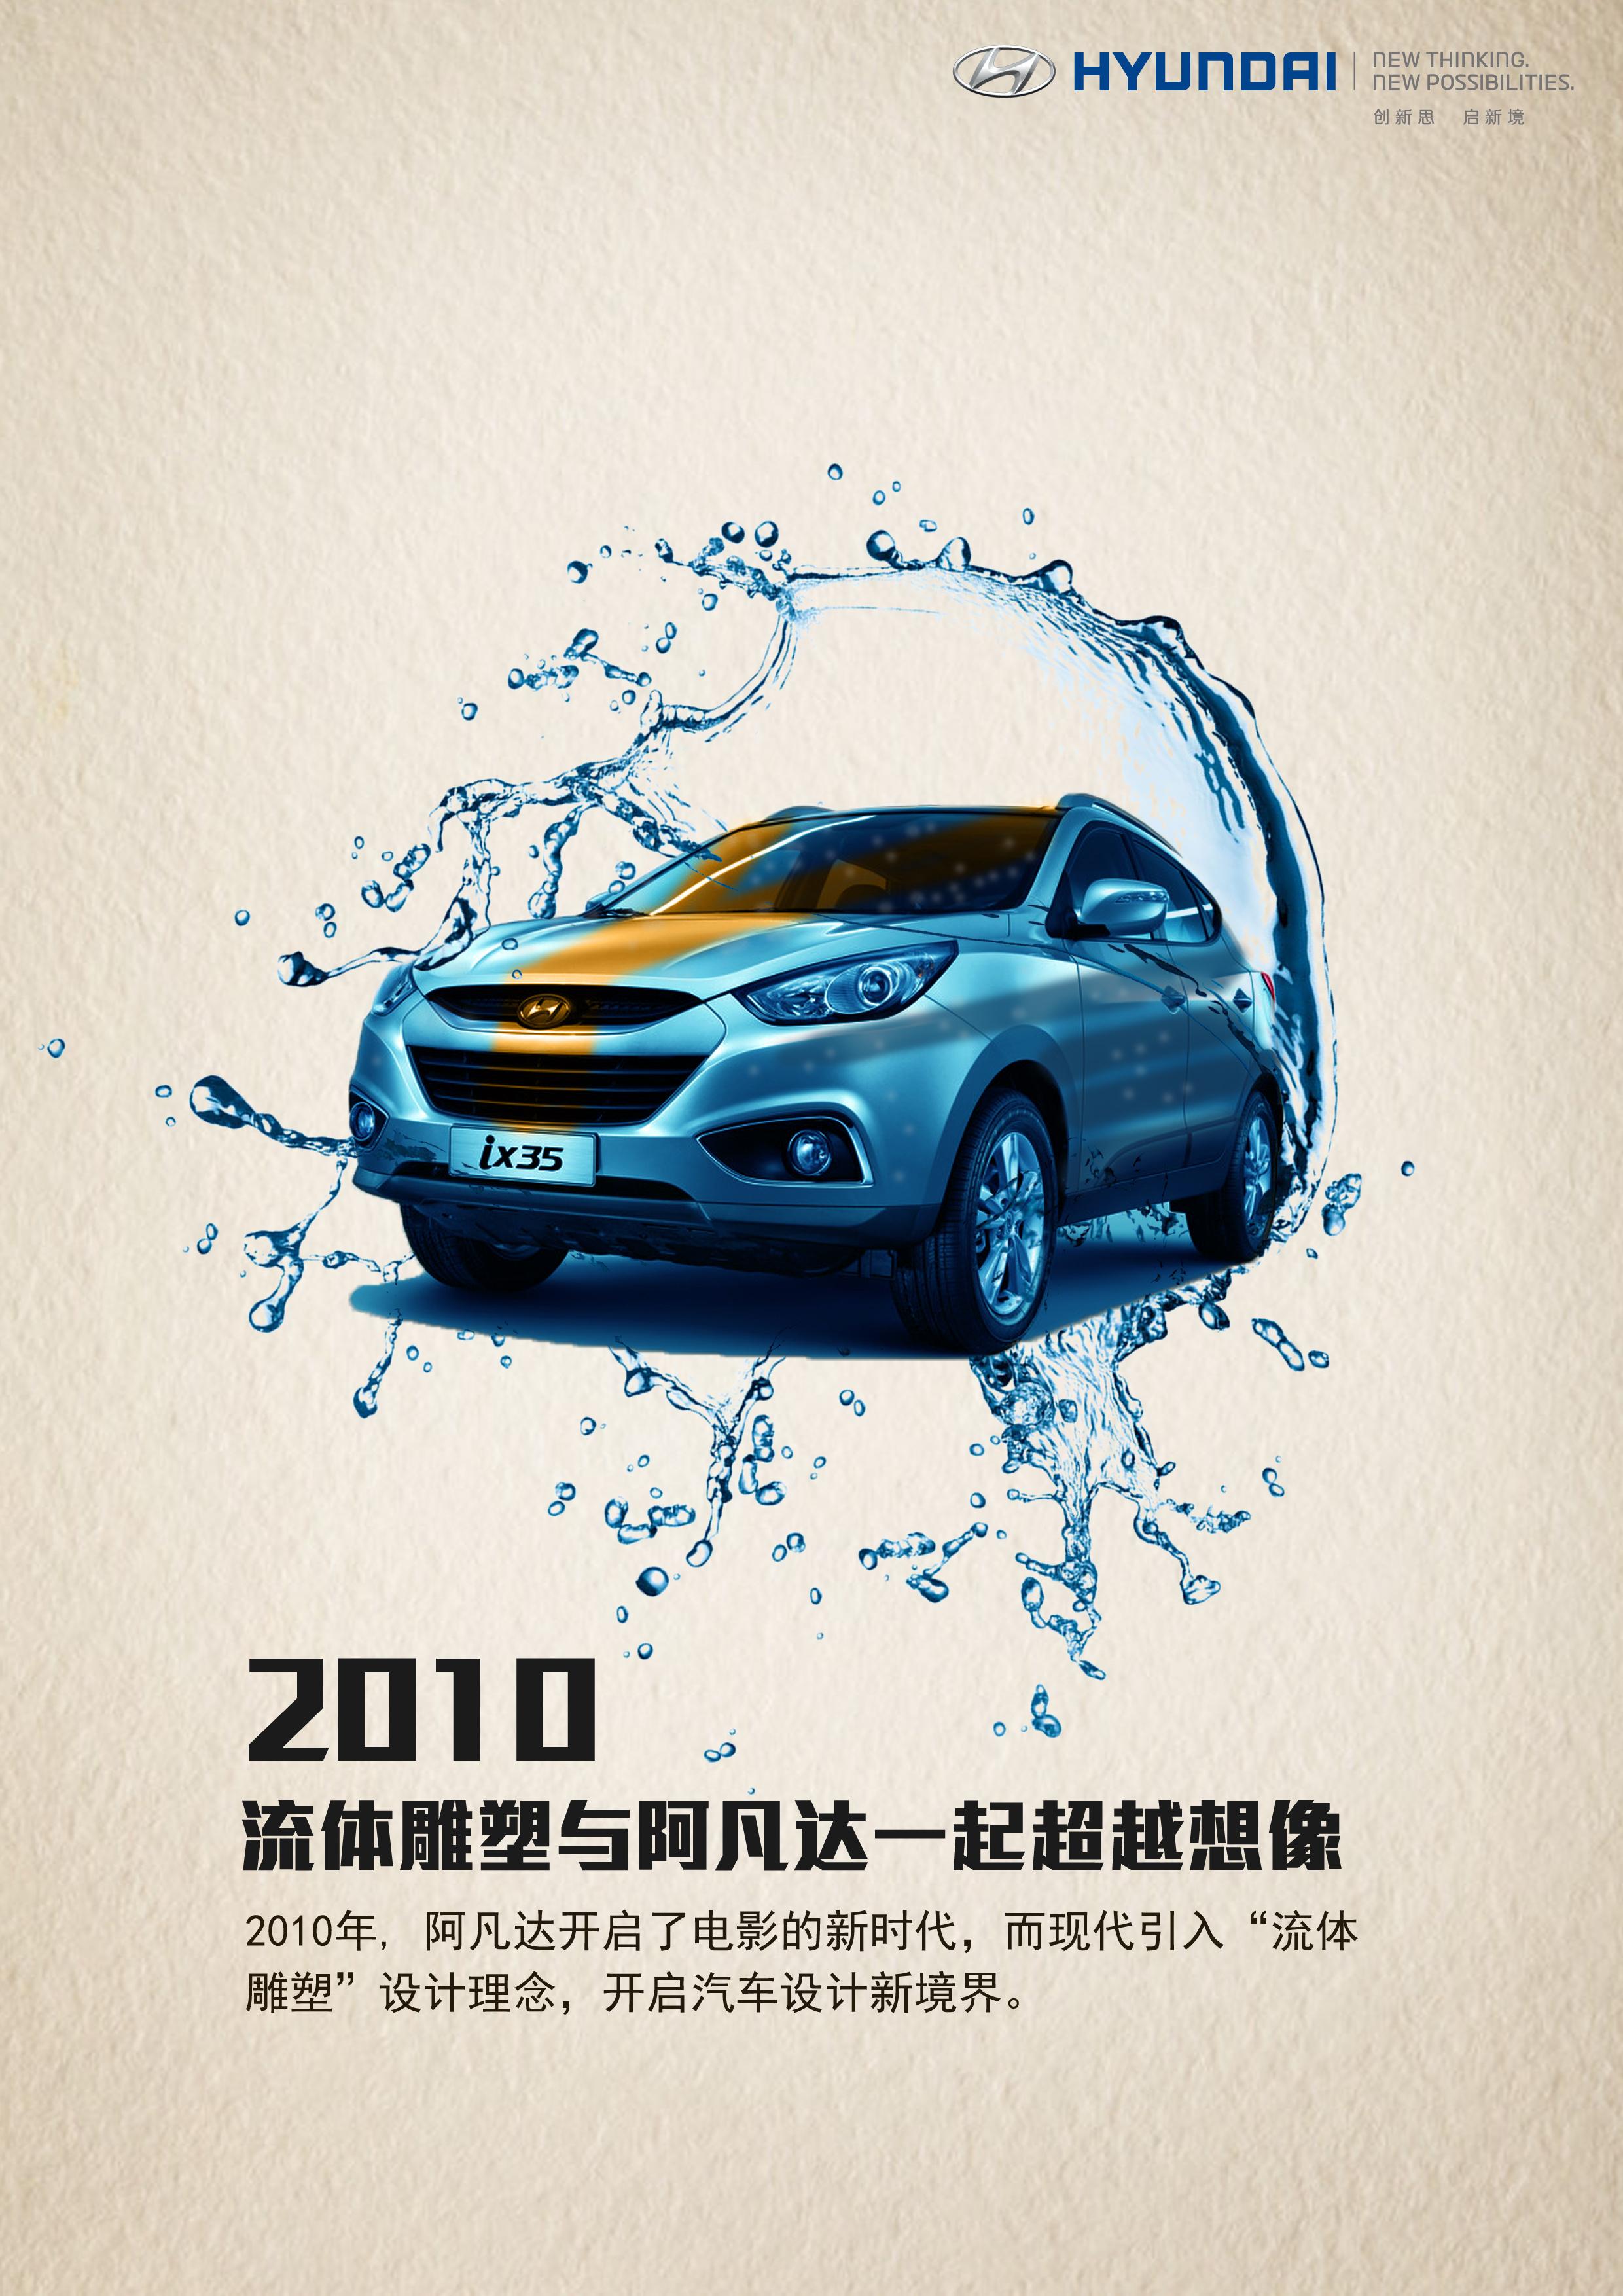 2014现代汽车广告创意设计大赛平面组金奖图片